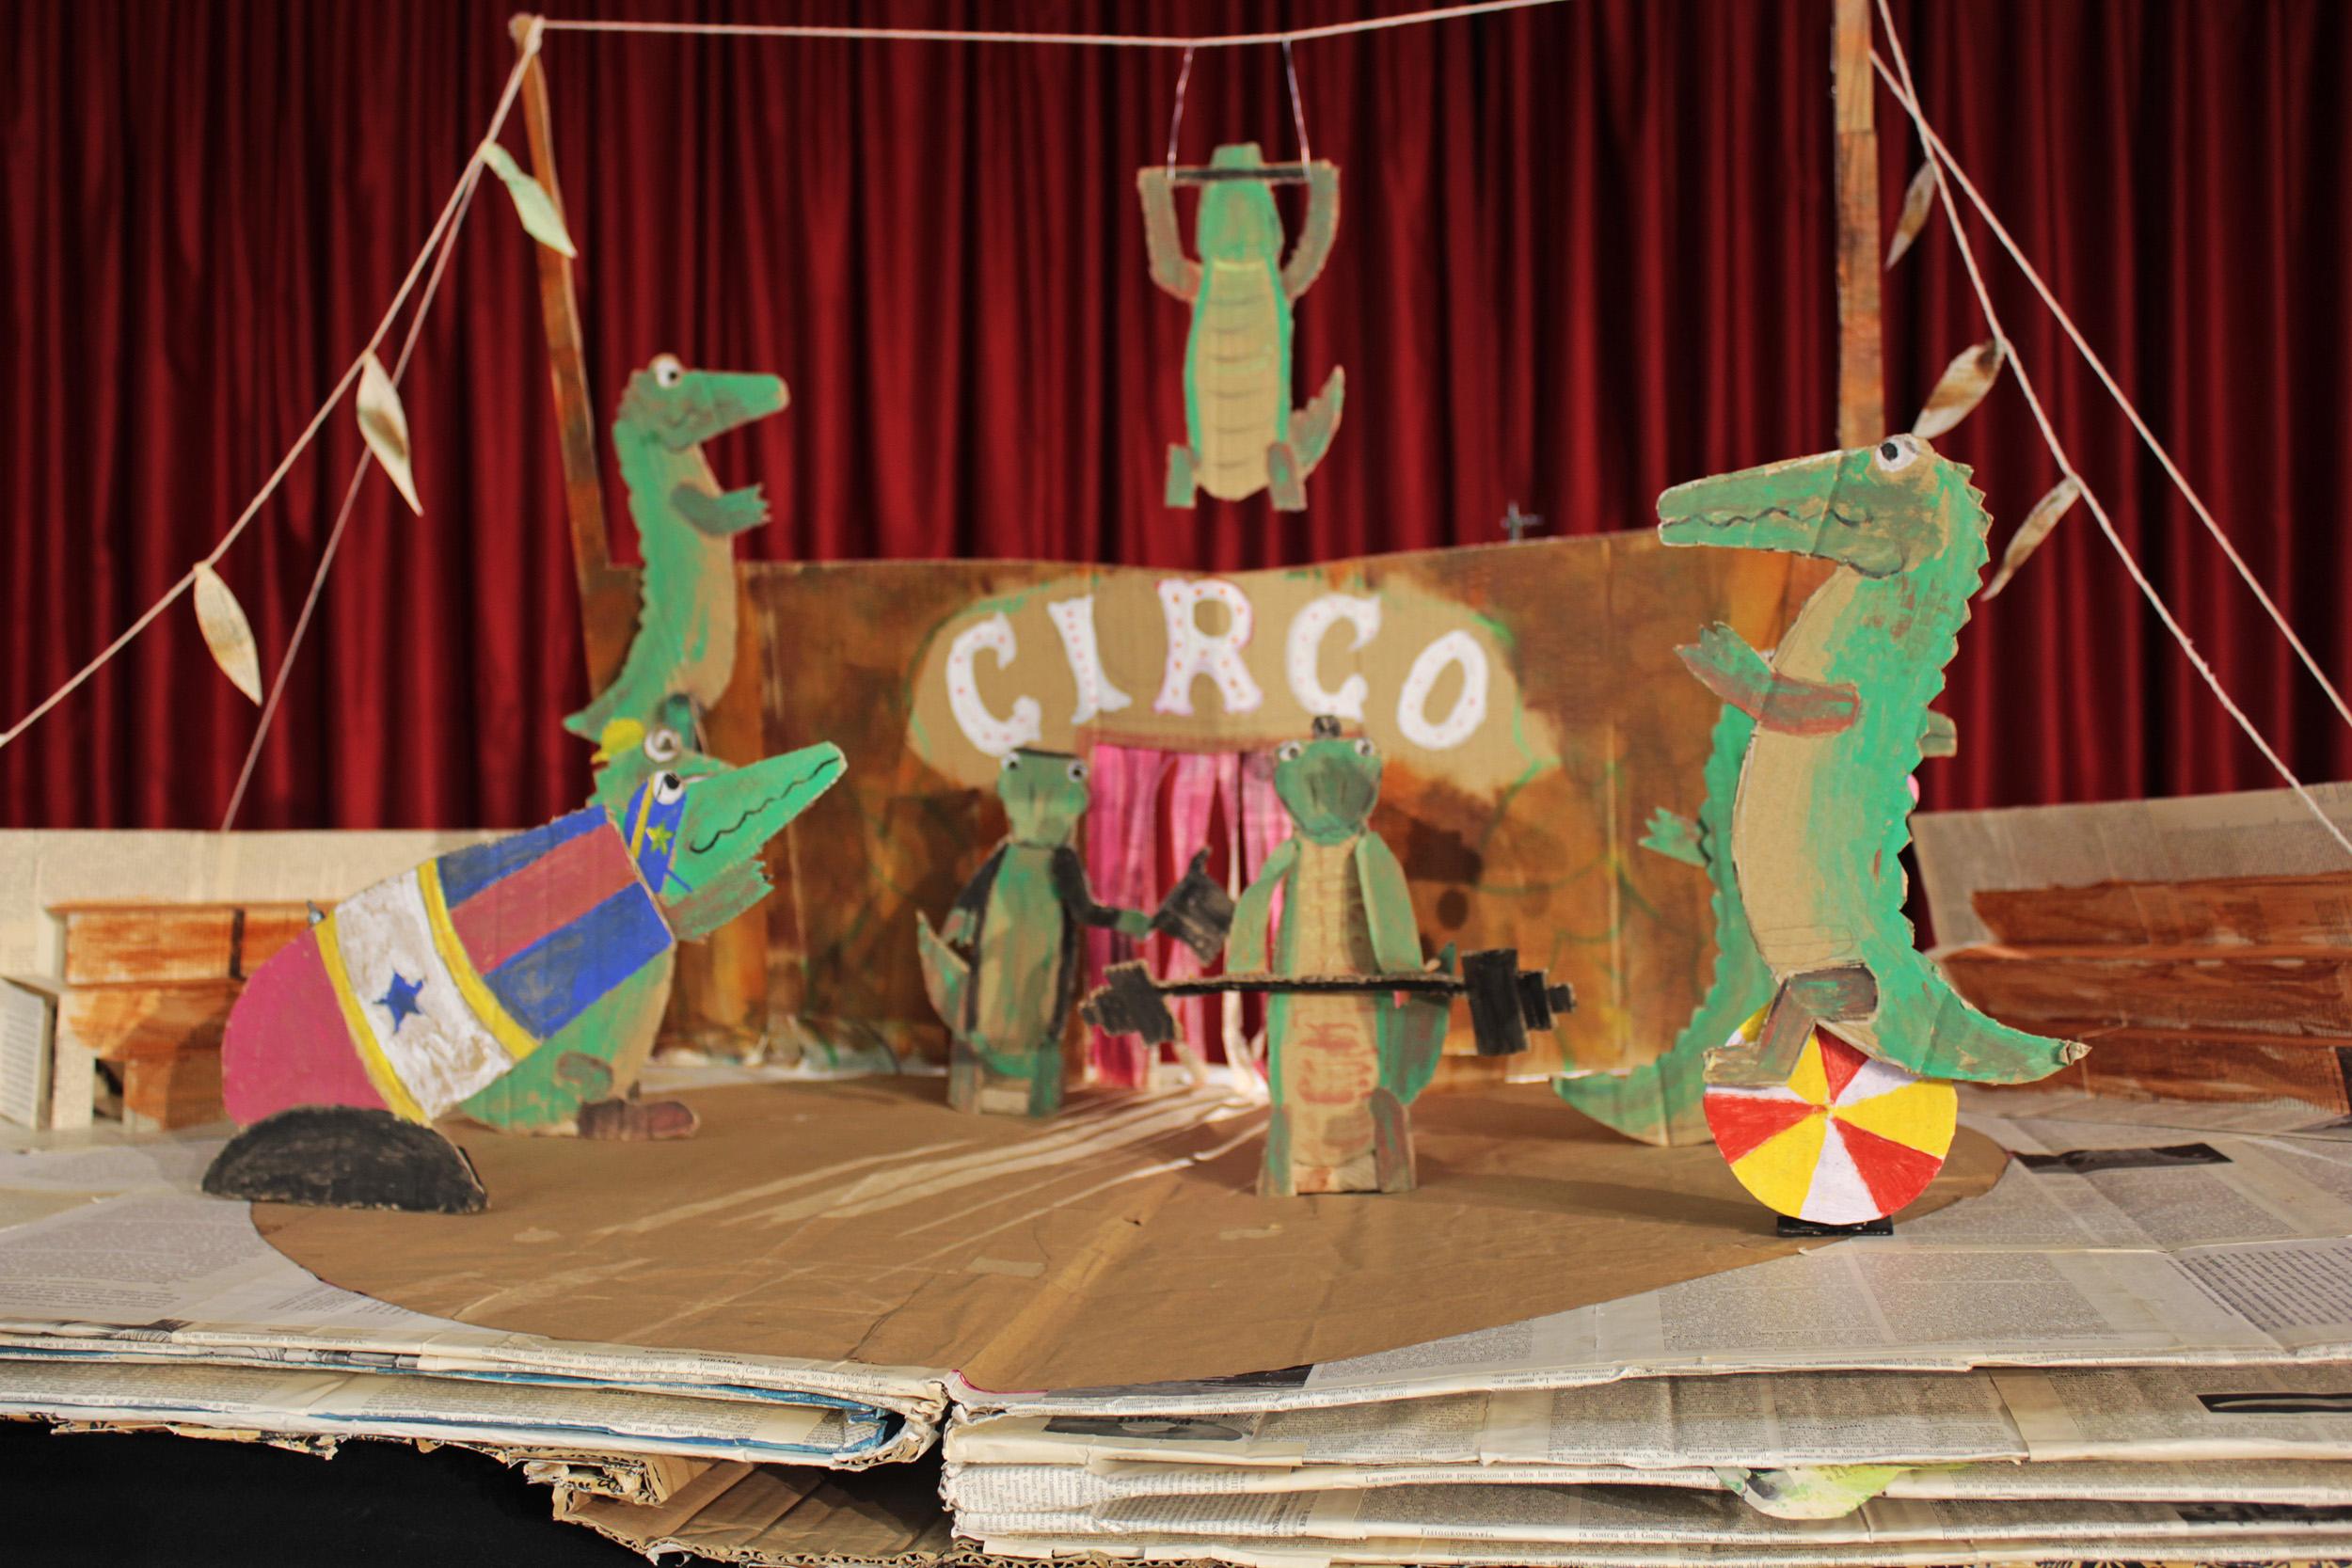 cocodrilos circo